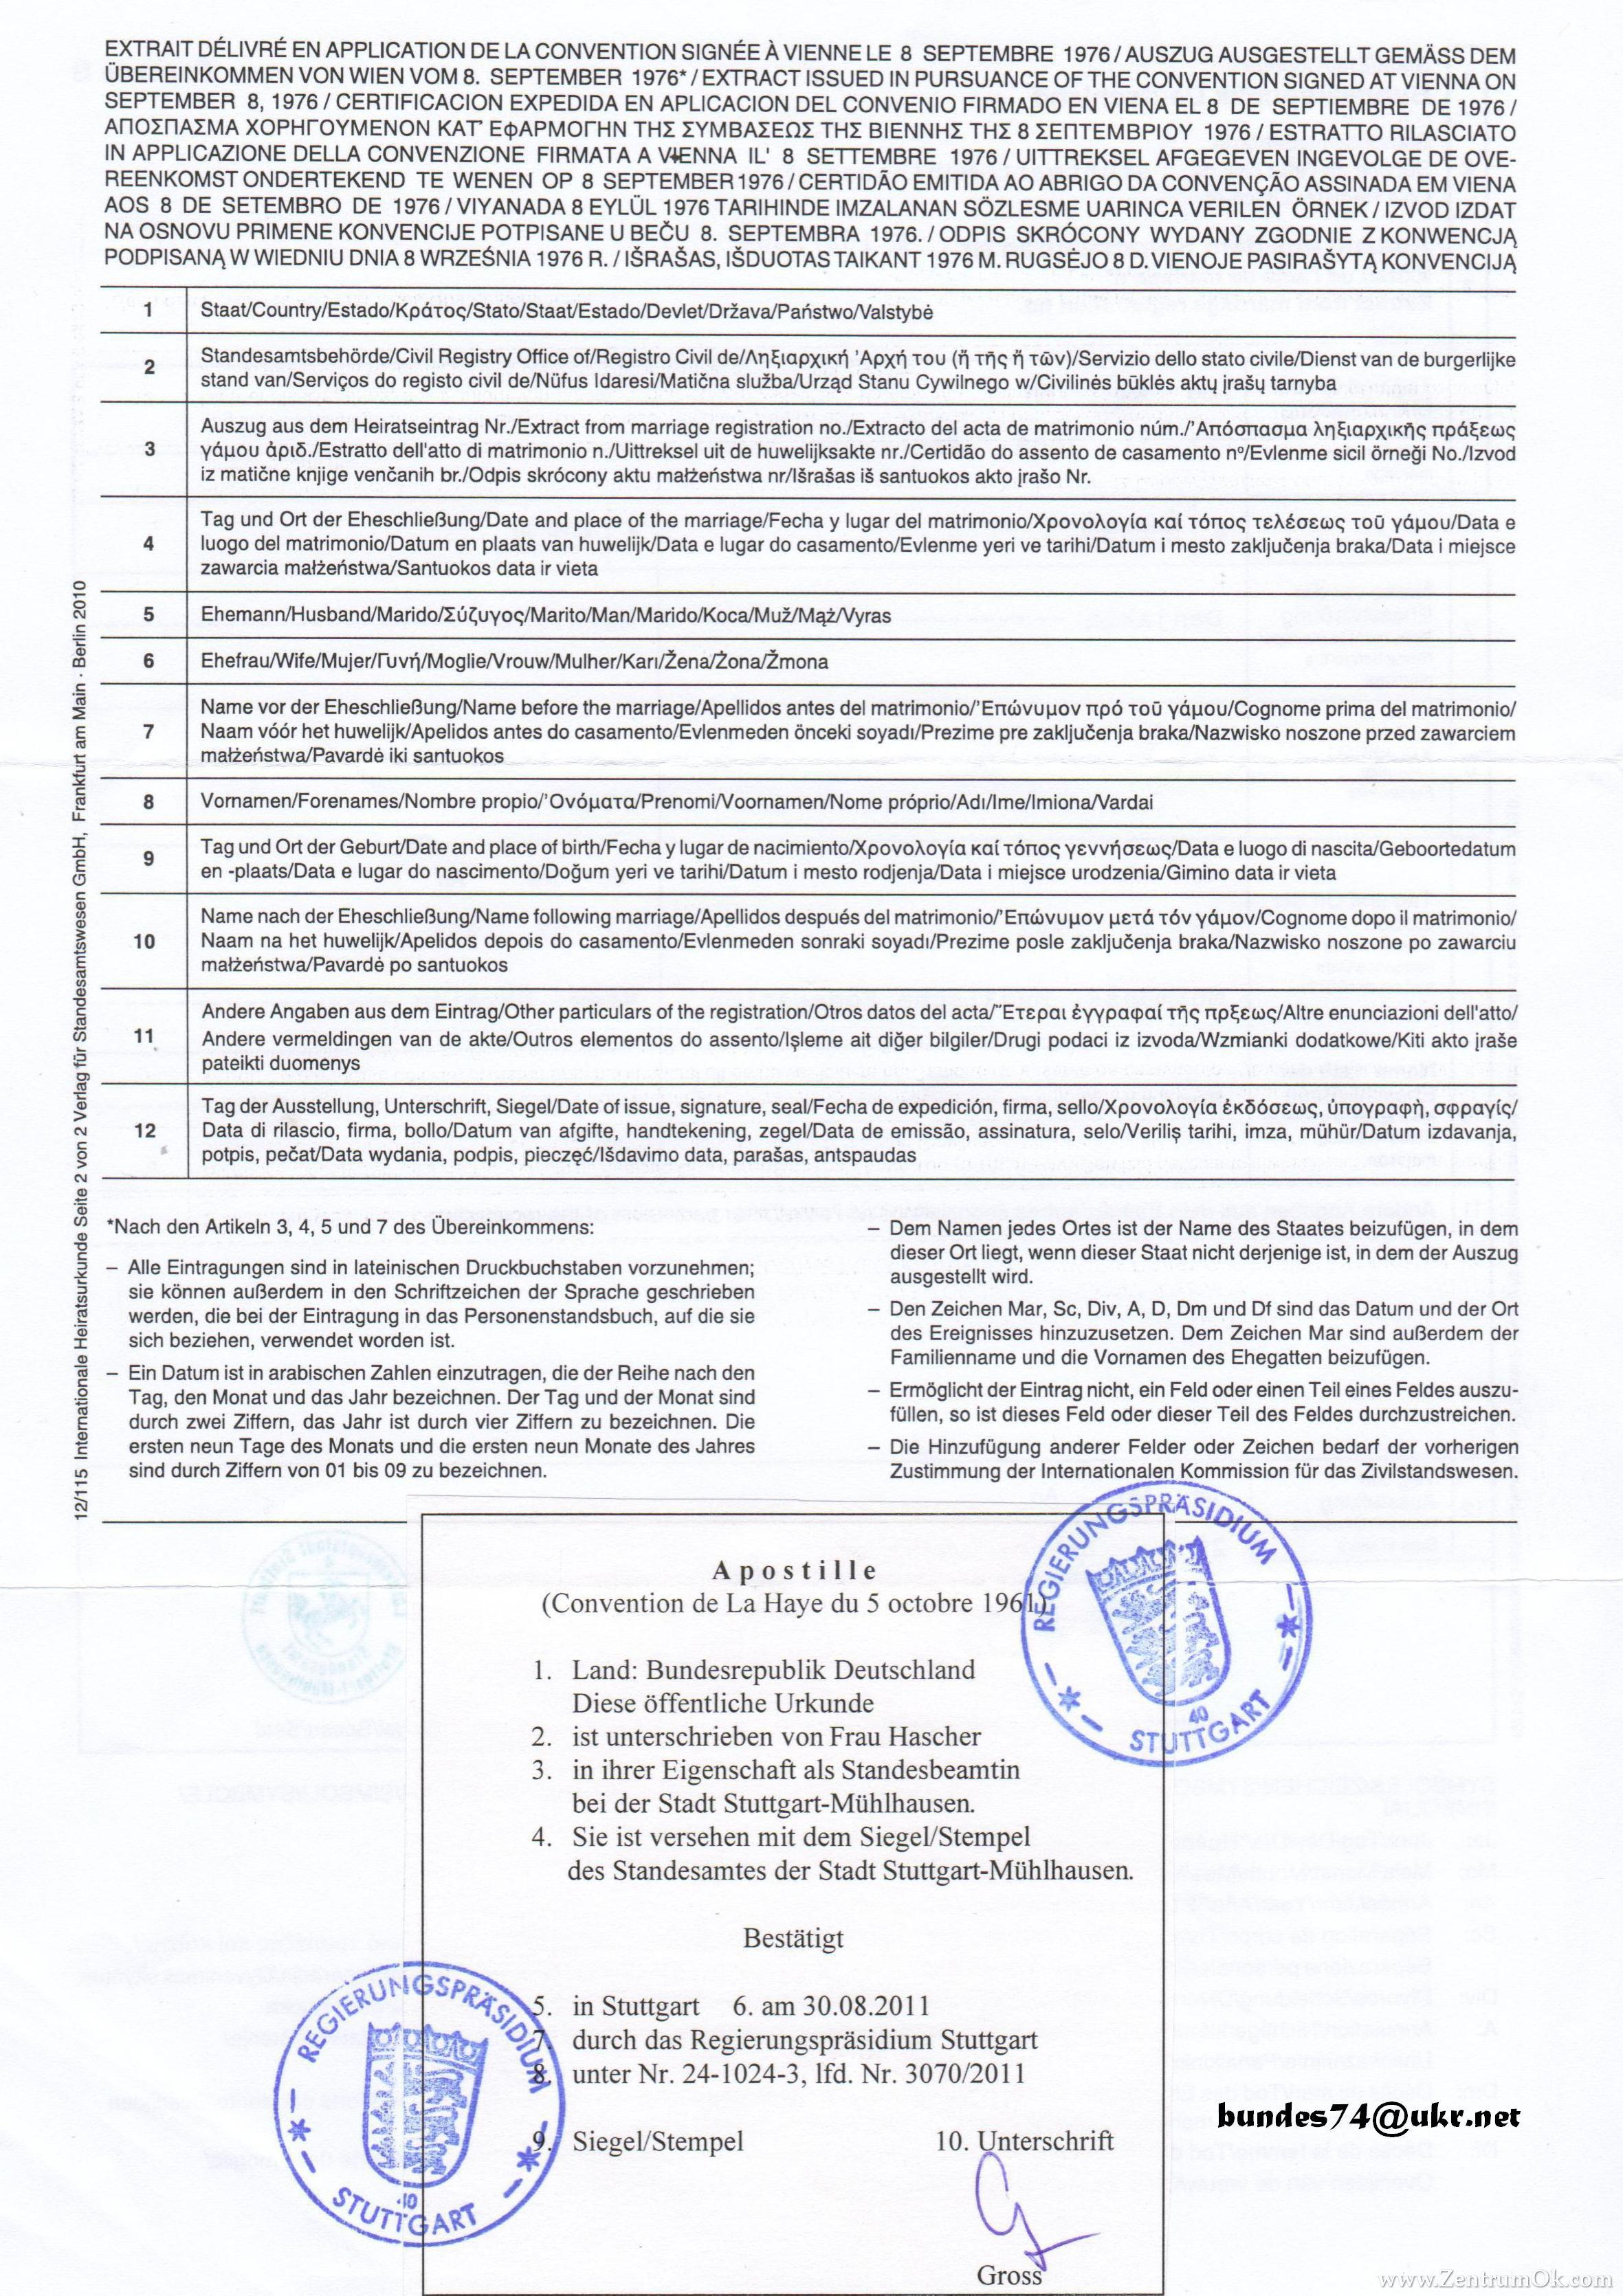 Сергей тармашев древний предыстория книга 4 скачать бесплатно fb2